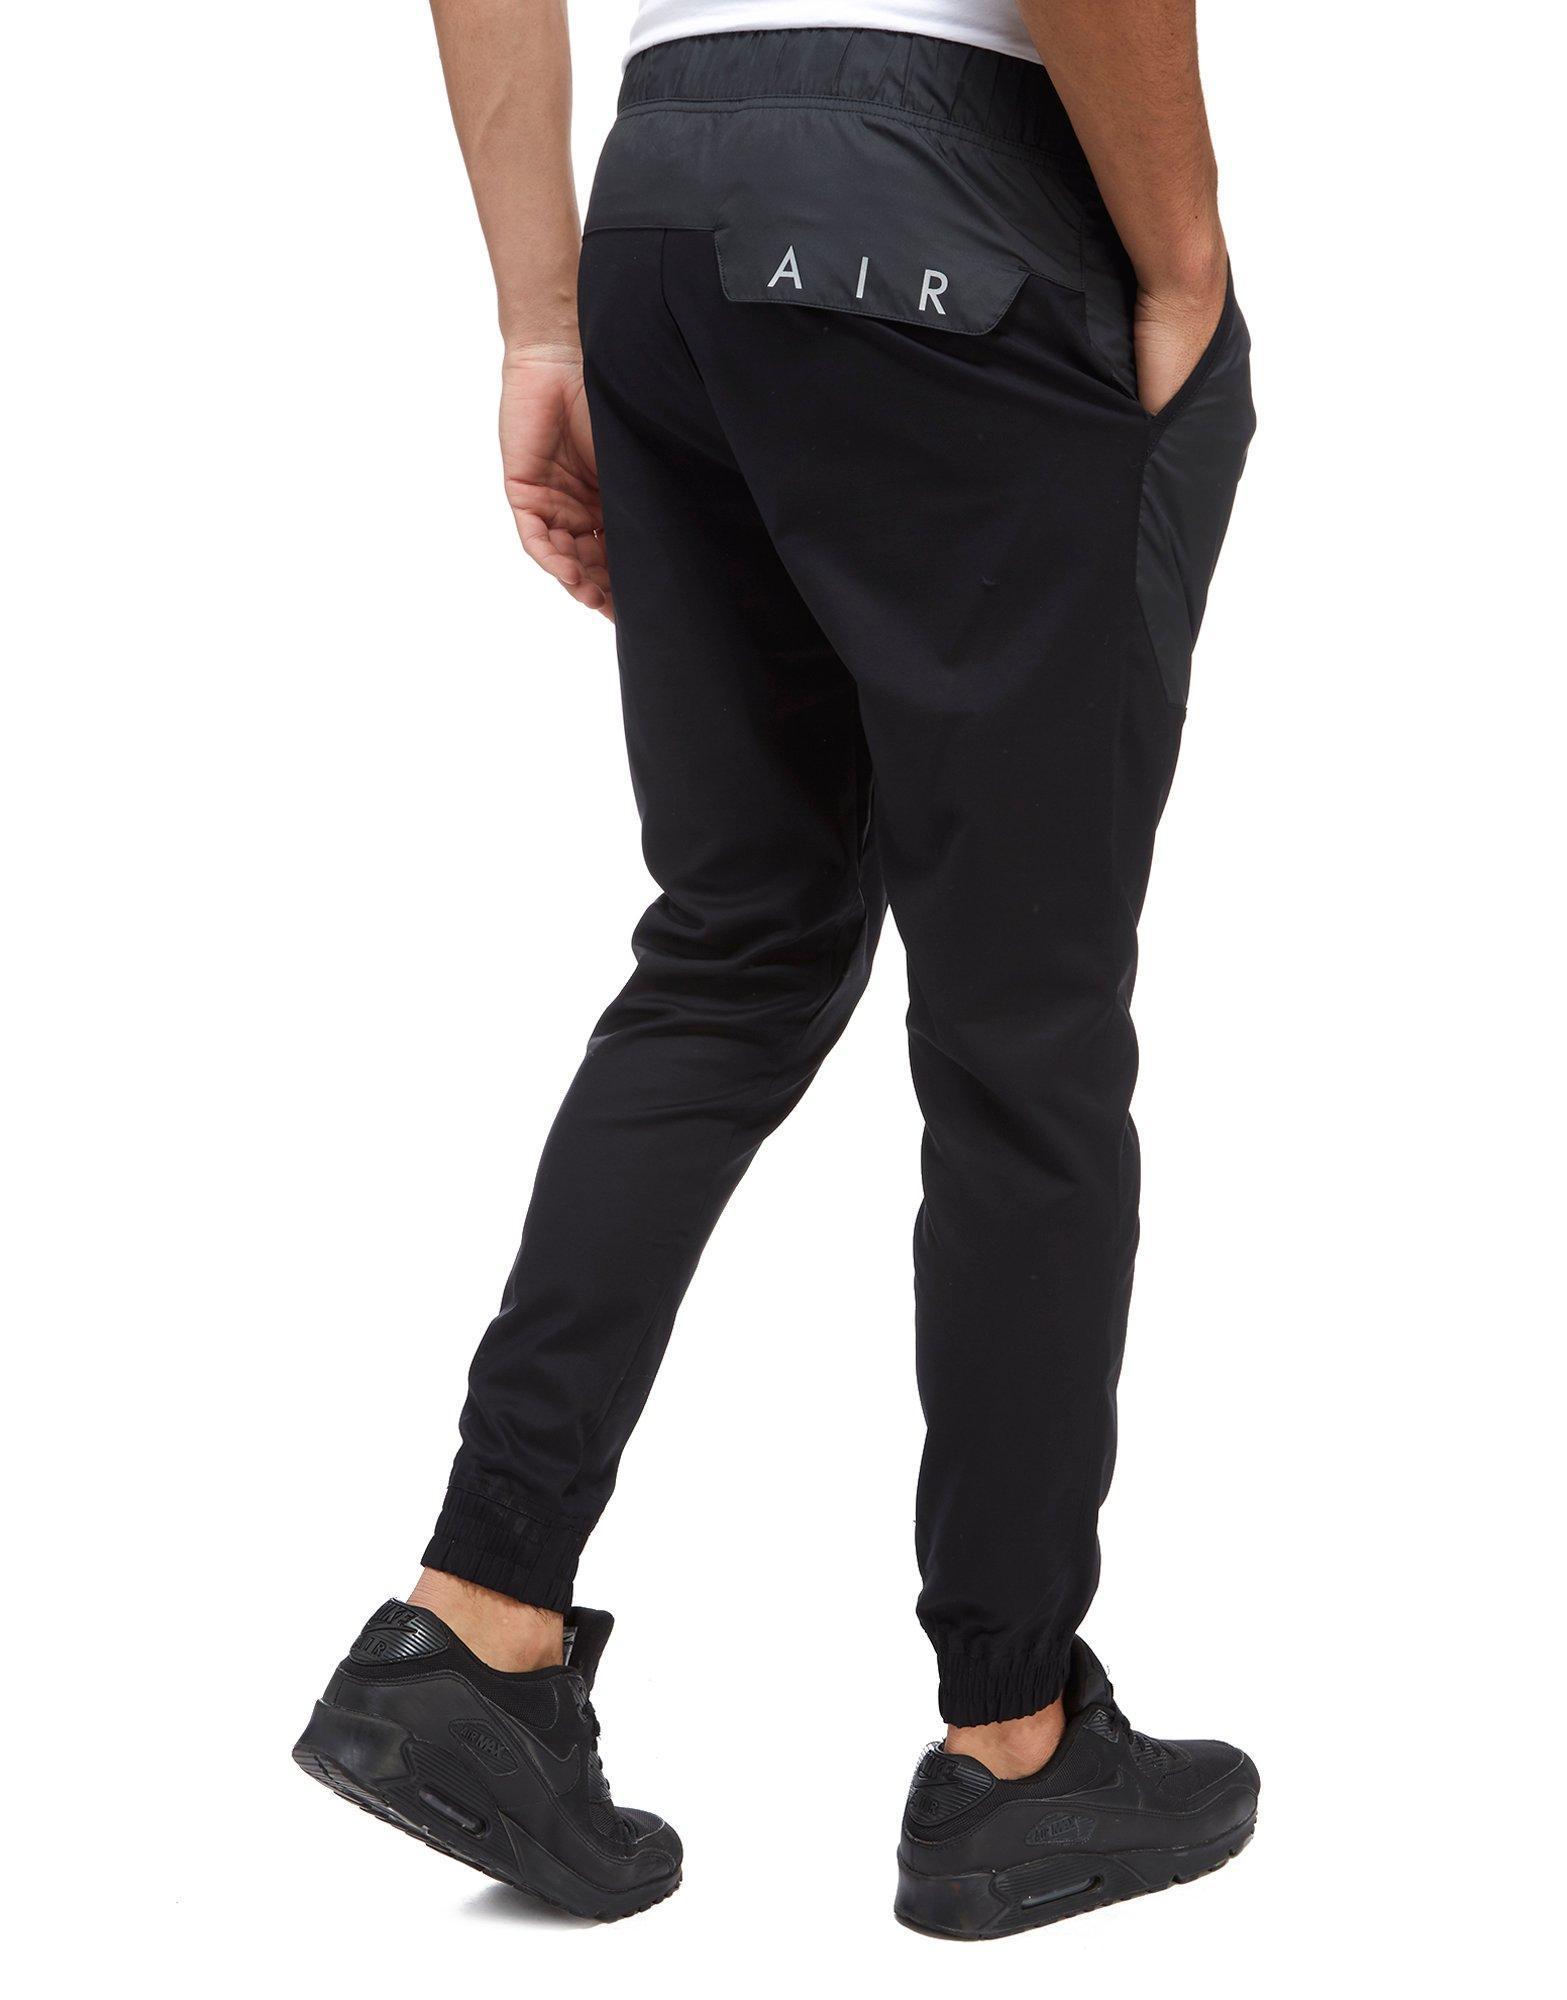 616d41ffcf87e Nike Air Hybrid Jogging Pants in Black for Men - Lyst